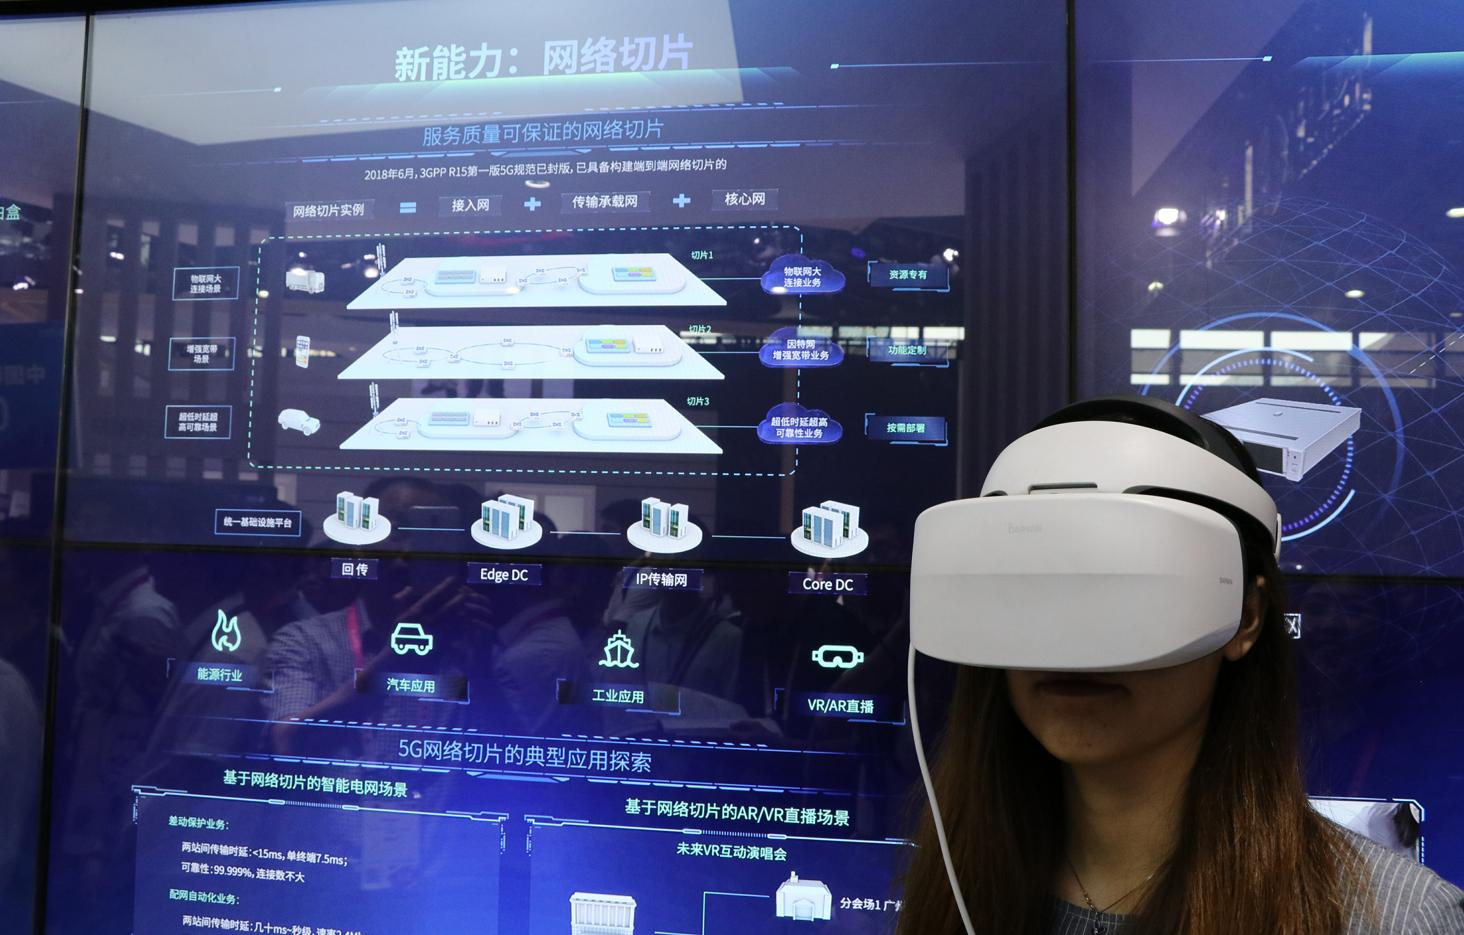 中国移动与华为联合演示首个基于5G 网络切片的VR直播互动业务